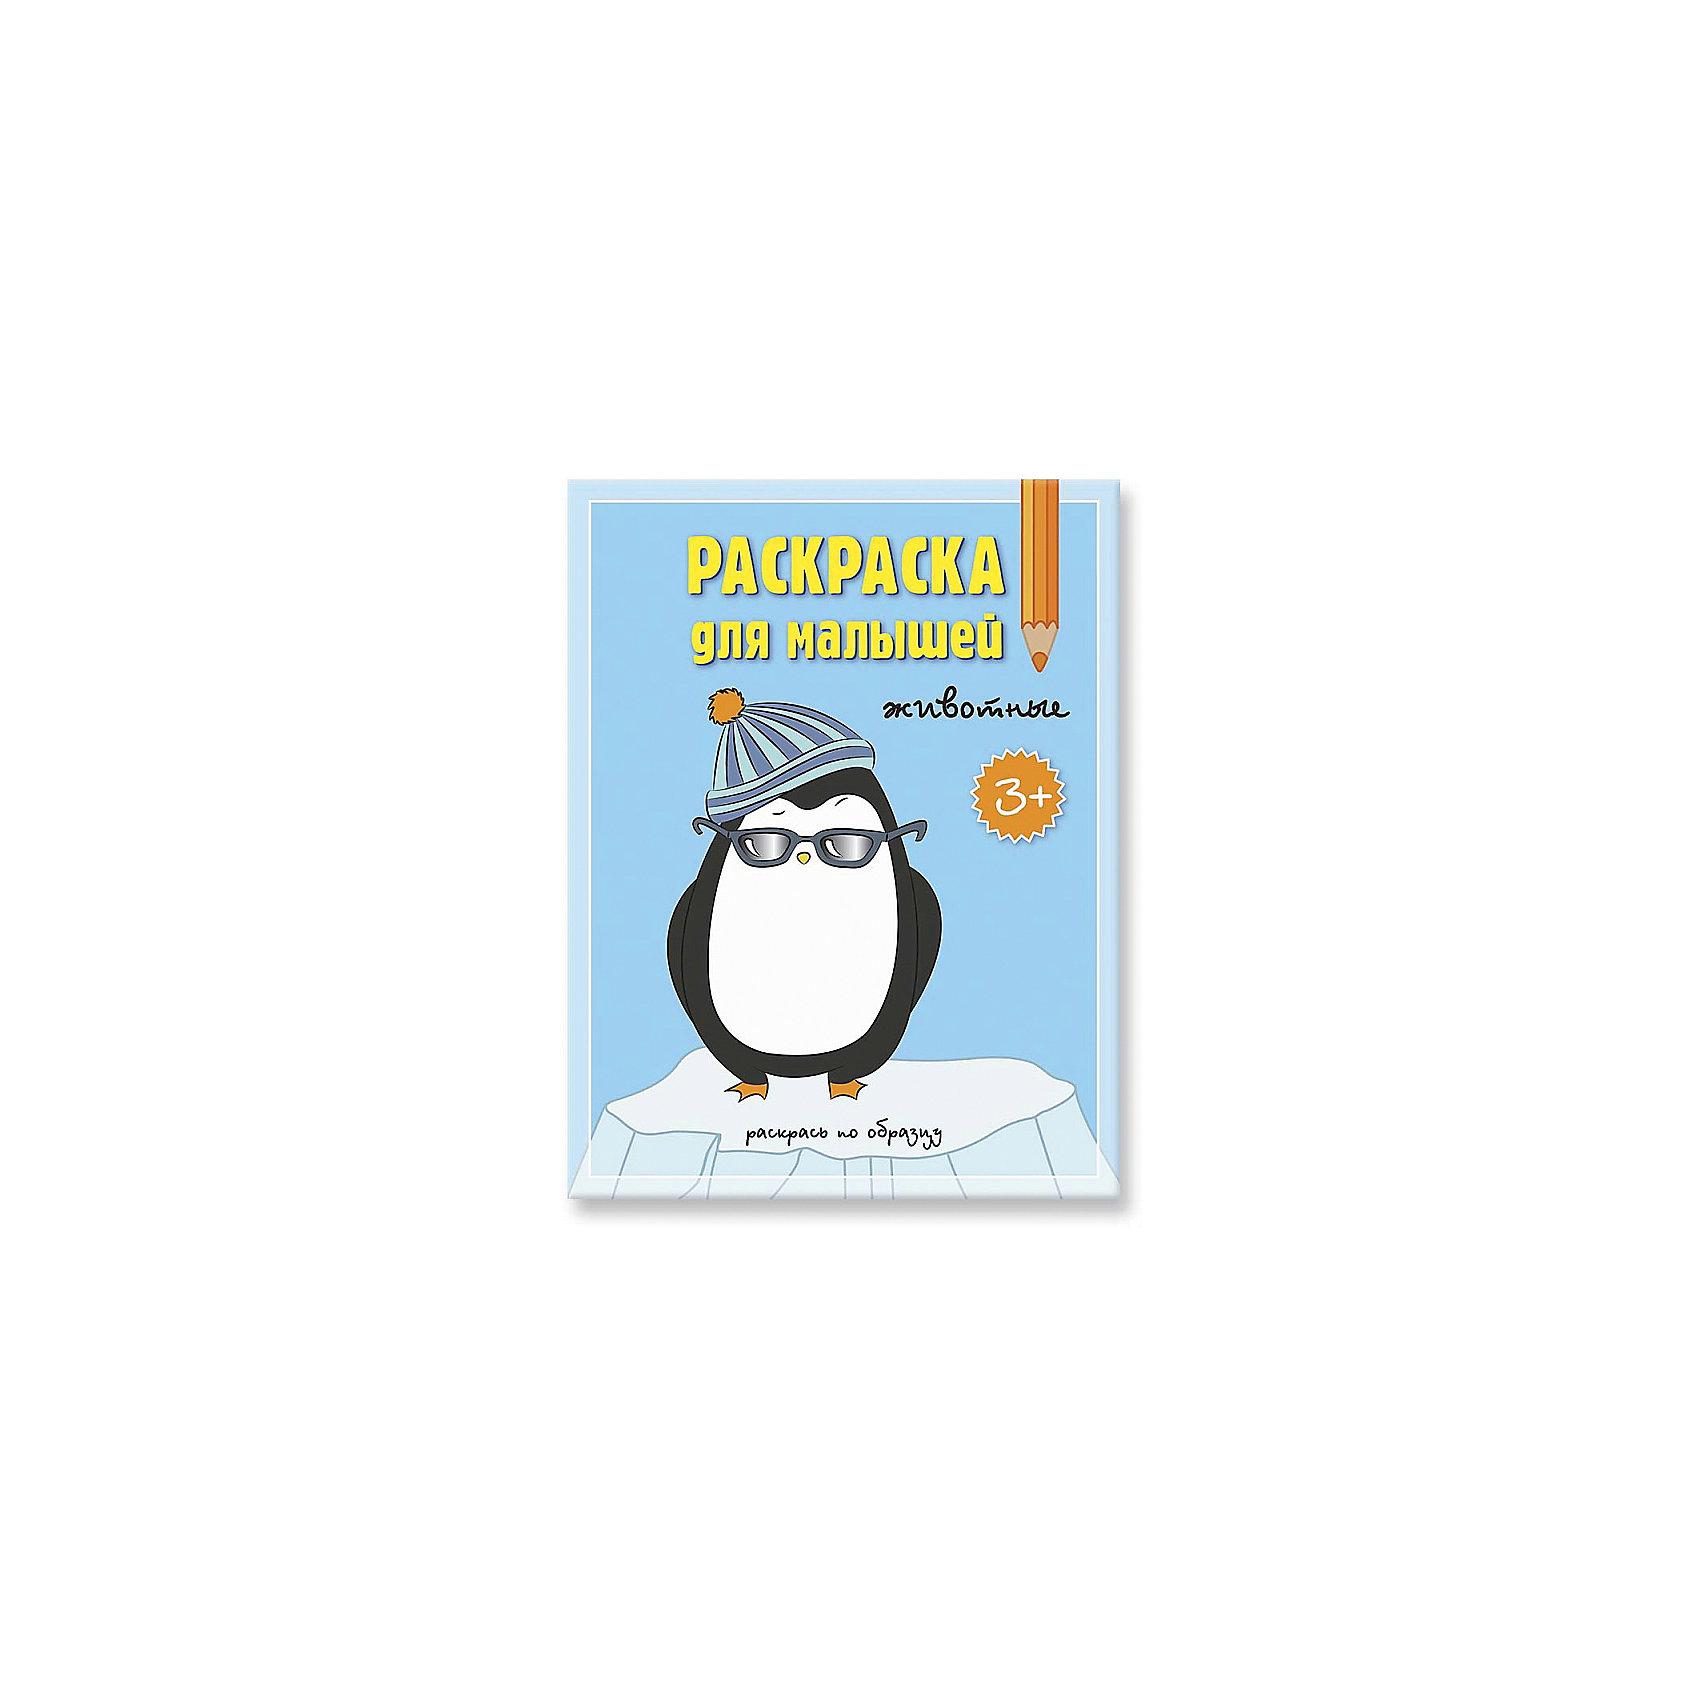 Раскраска для малышей ЖивотныеРисование<br>Раскраска для малышей Животные<br><br>Характеристики:<br><br>• В набор входит: раскраска, карандаши<br>• Размер раскраски: 14,8 * 21 см.<br>• Количество страниц: 12<br>• Состав: бумага, картон<br>• Вес: 60 г.<br>• Для детей в возрасте: от 3 до 7 лет<br>• Страна производитель: Россия<br><br>Крупные рисунки животных подписаны и представлены с примером раскрашивания, на каждой картинке представлено по 4-5 оттенков одного цвета, чтобы малыш смог научиться видеть и использовать тени. Все нарисованные детали представлены в крупном формате, чтобы ребёнку было легко. Красивые рисунки пингвина, кенгуру, попугая и не только, привлекут интерес и расширят кругозор. Эти раскраски интереснее раскрашивать карандашами с большим количеством цветов, но для начинающих художников в набор входят четыре стандартных цветных карандаша, с помощью которых можно будет раскрасить все картинки. Играя с раскрасками дети развивают моторику рук и готовят руку к письму, развивают творческие способности, учатся подбирать цветовую гамму. Дети запоминают формы, учатся как правильно рисовать фигуры, улучшают внимание и концентрацию.<br><br>Раскраску для малышей Животные можно купить в нашем интернет-магазине.<br><br>Ширина мм: 210<br>Глубина мм: 165<br>Высота мм: 2<br>Вес г: 60<br>Возраст от месяцев: 36<br>Возраст до месяцев: 48<br>Пол: Унисекс<br>Возраст: Детский<br>SKU: 5423029